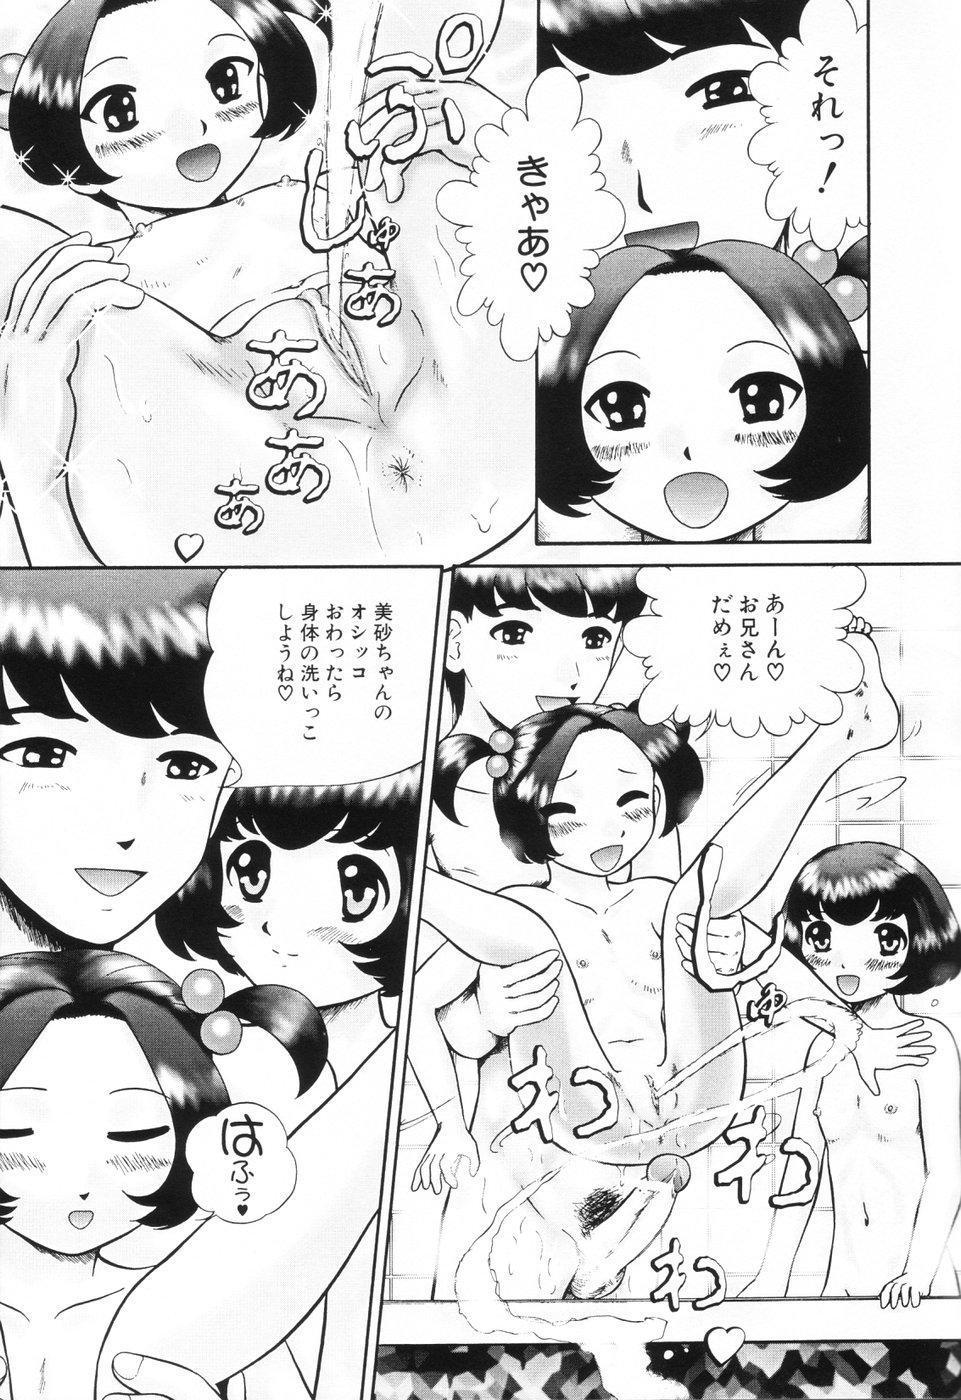 Koneko Genki!! - Powerful Pussycat!! 74